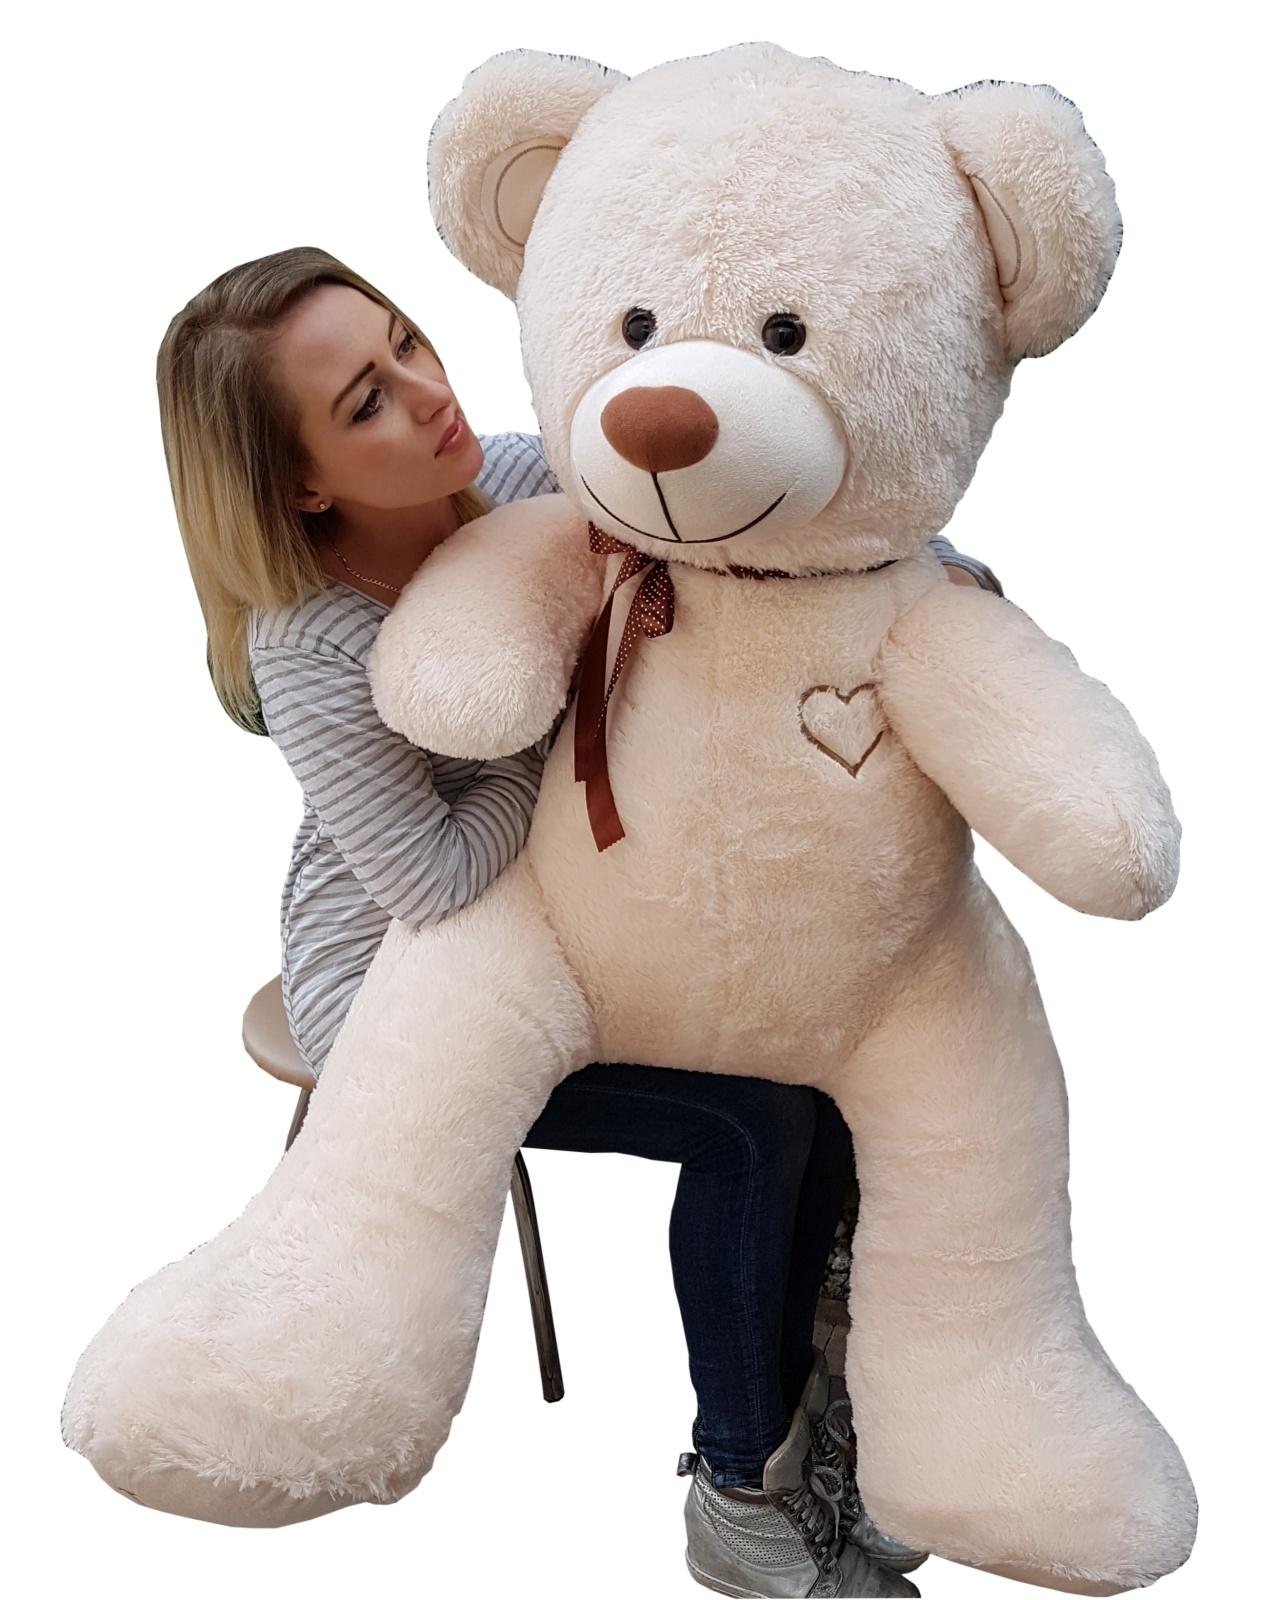 Teddybär Plüschbär Kuscheltier Stofftier Schmusebär Riesen Geschenkidee 160cm cremefarben